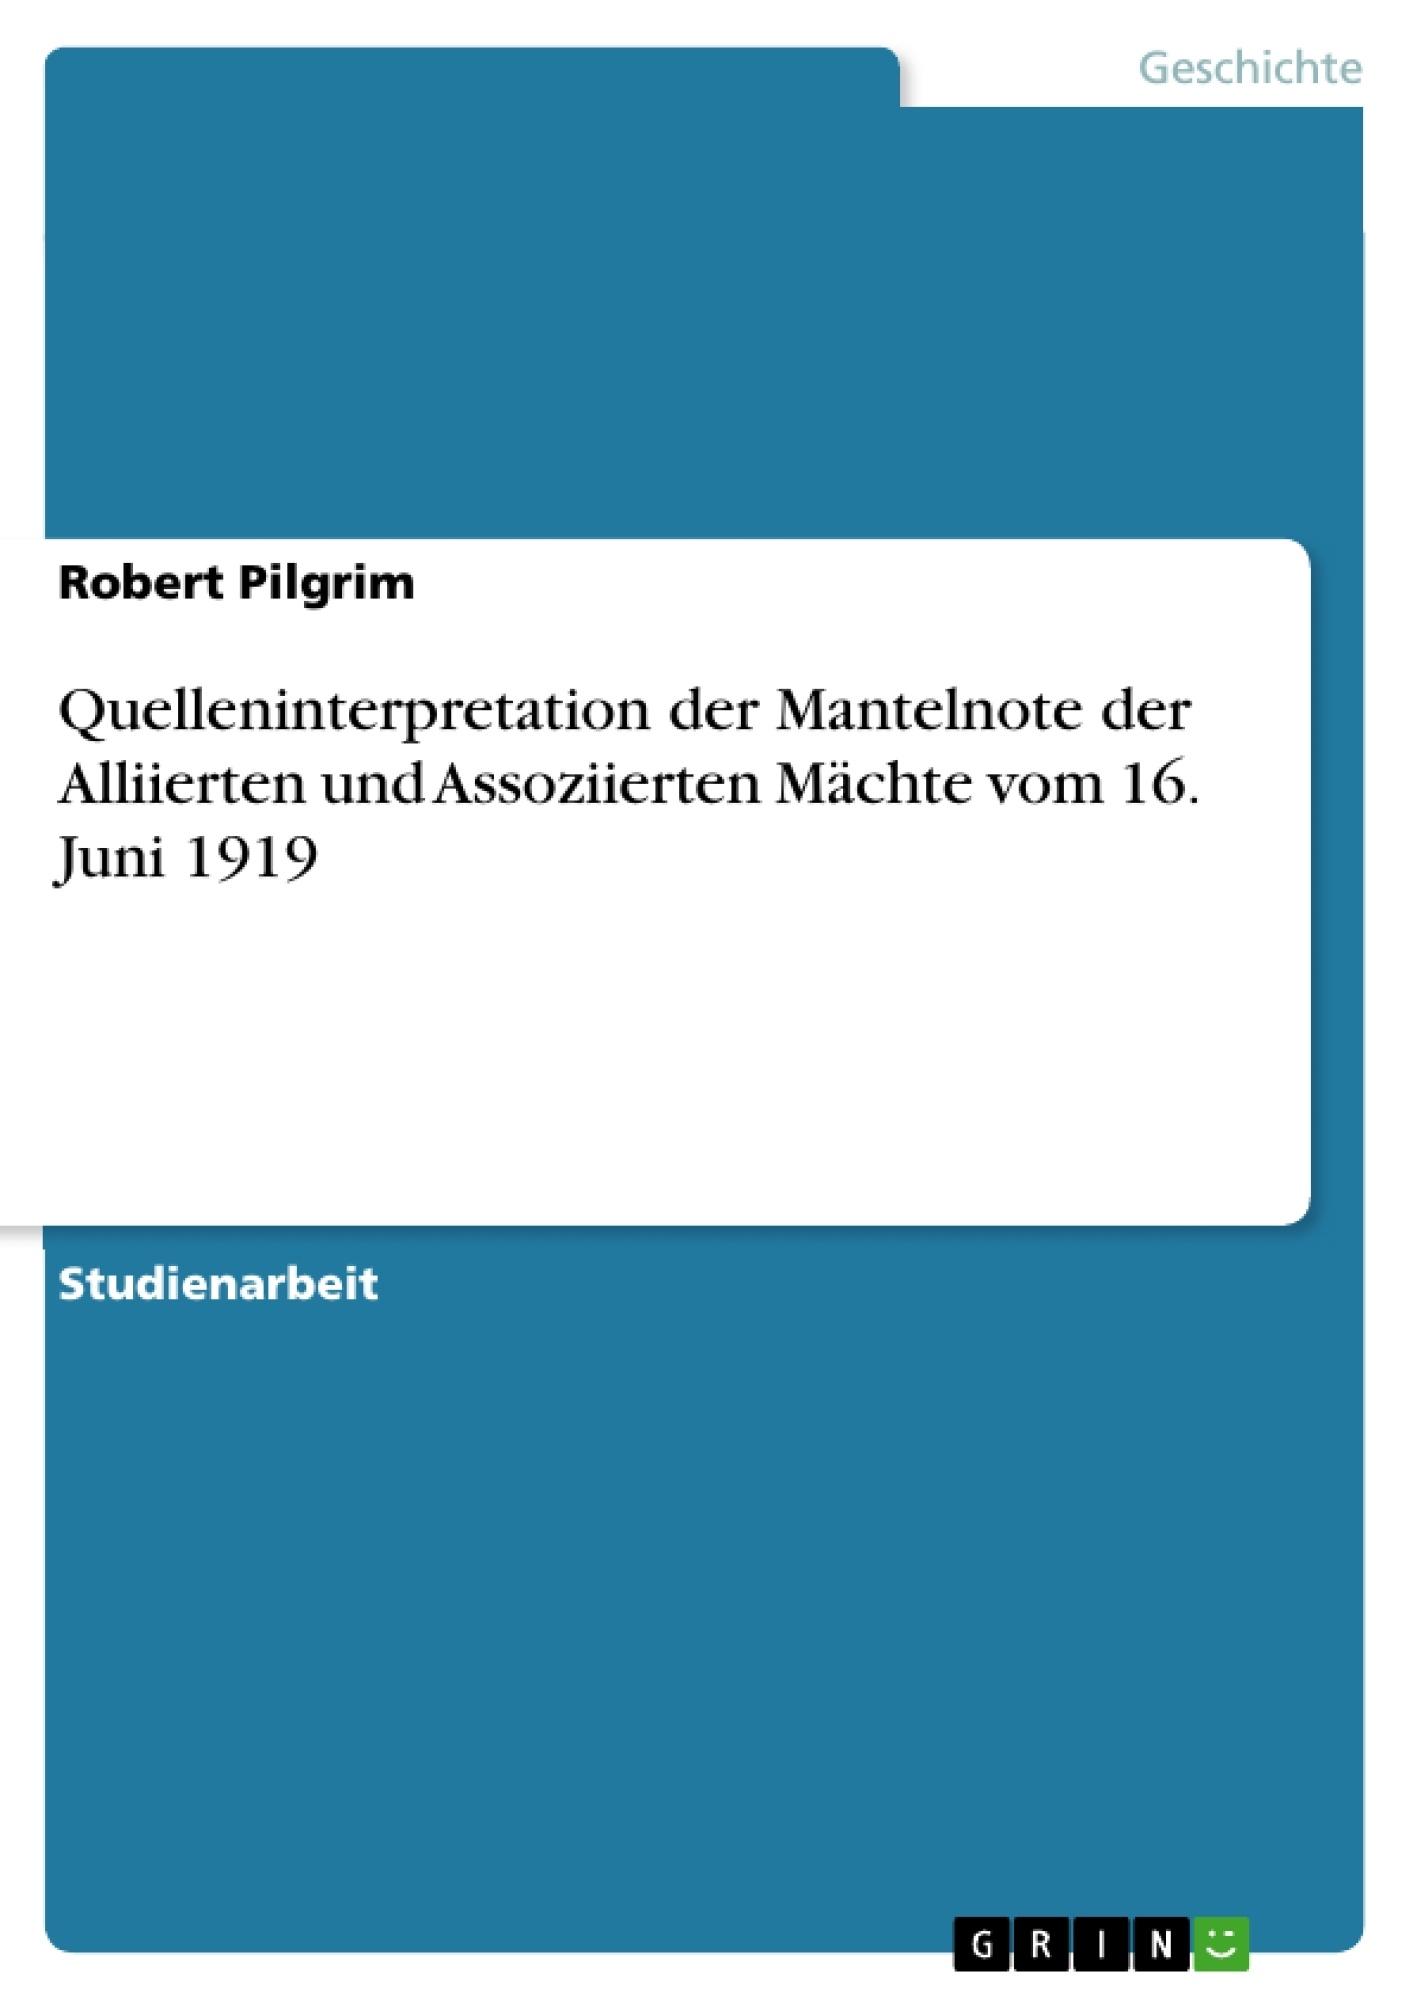 Titel: Quelleninterpretation der Mantelnote der Alliierten und Assoziierten Mächte vom 16. Juni 1919